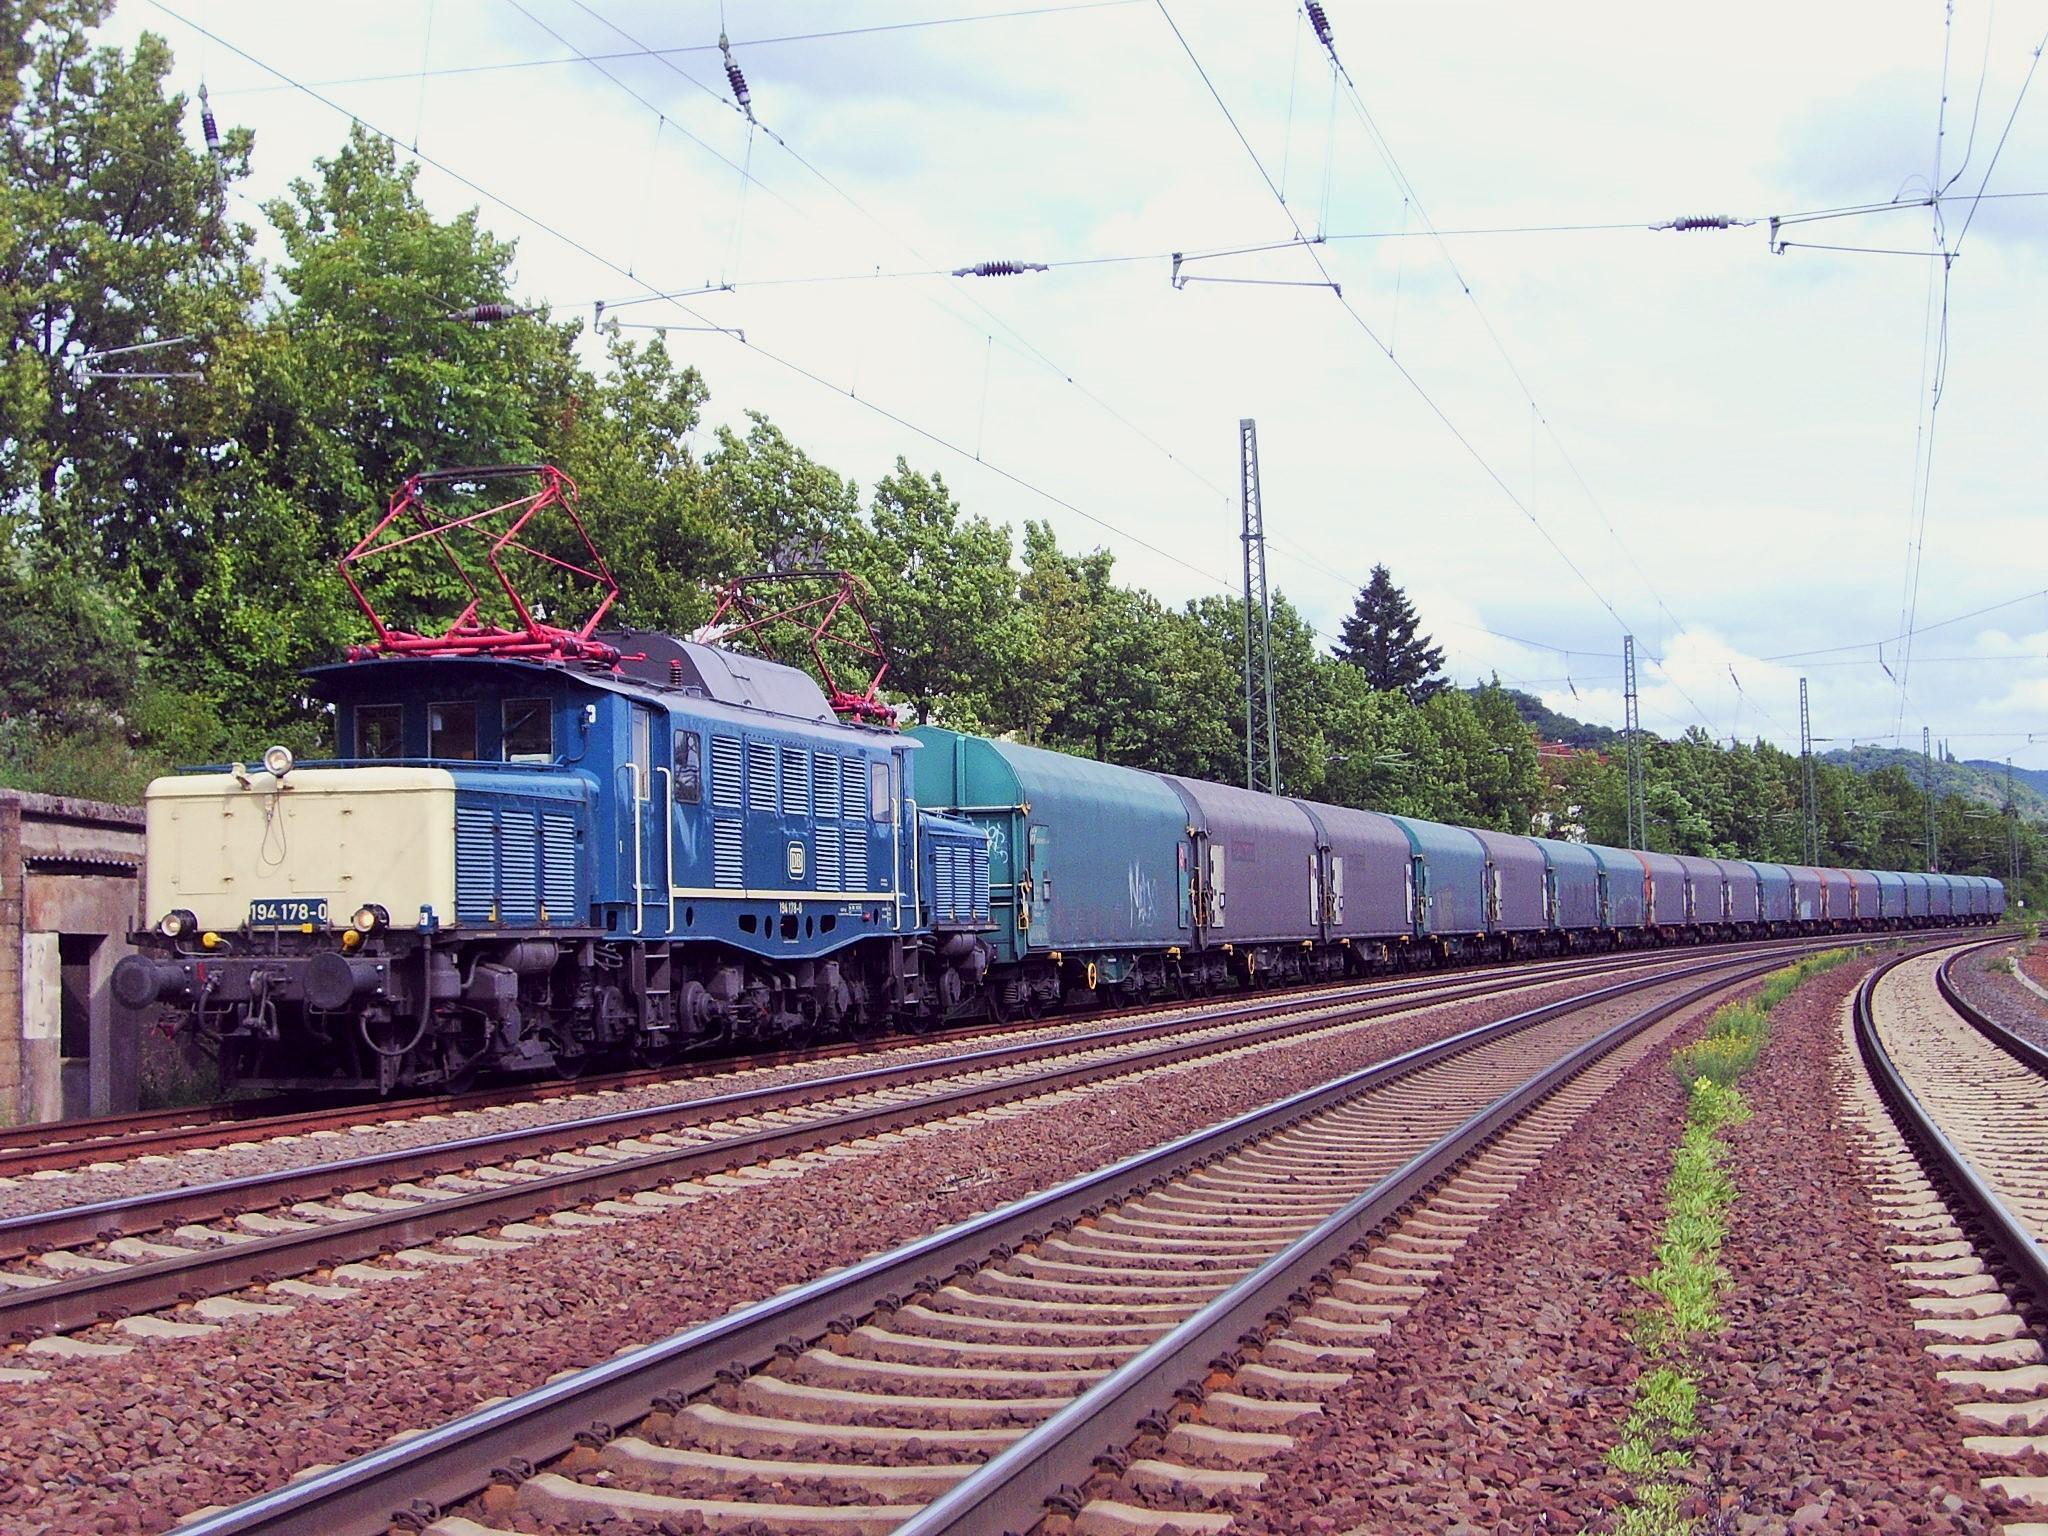 Stahlprodukte am Zughaken der 194 178-0 bei Oberlahnstein